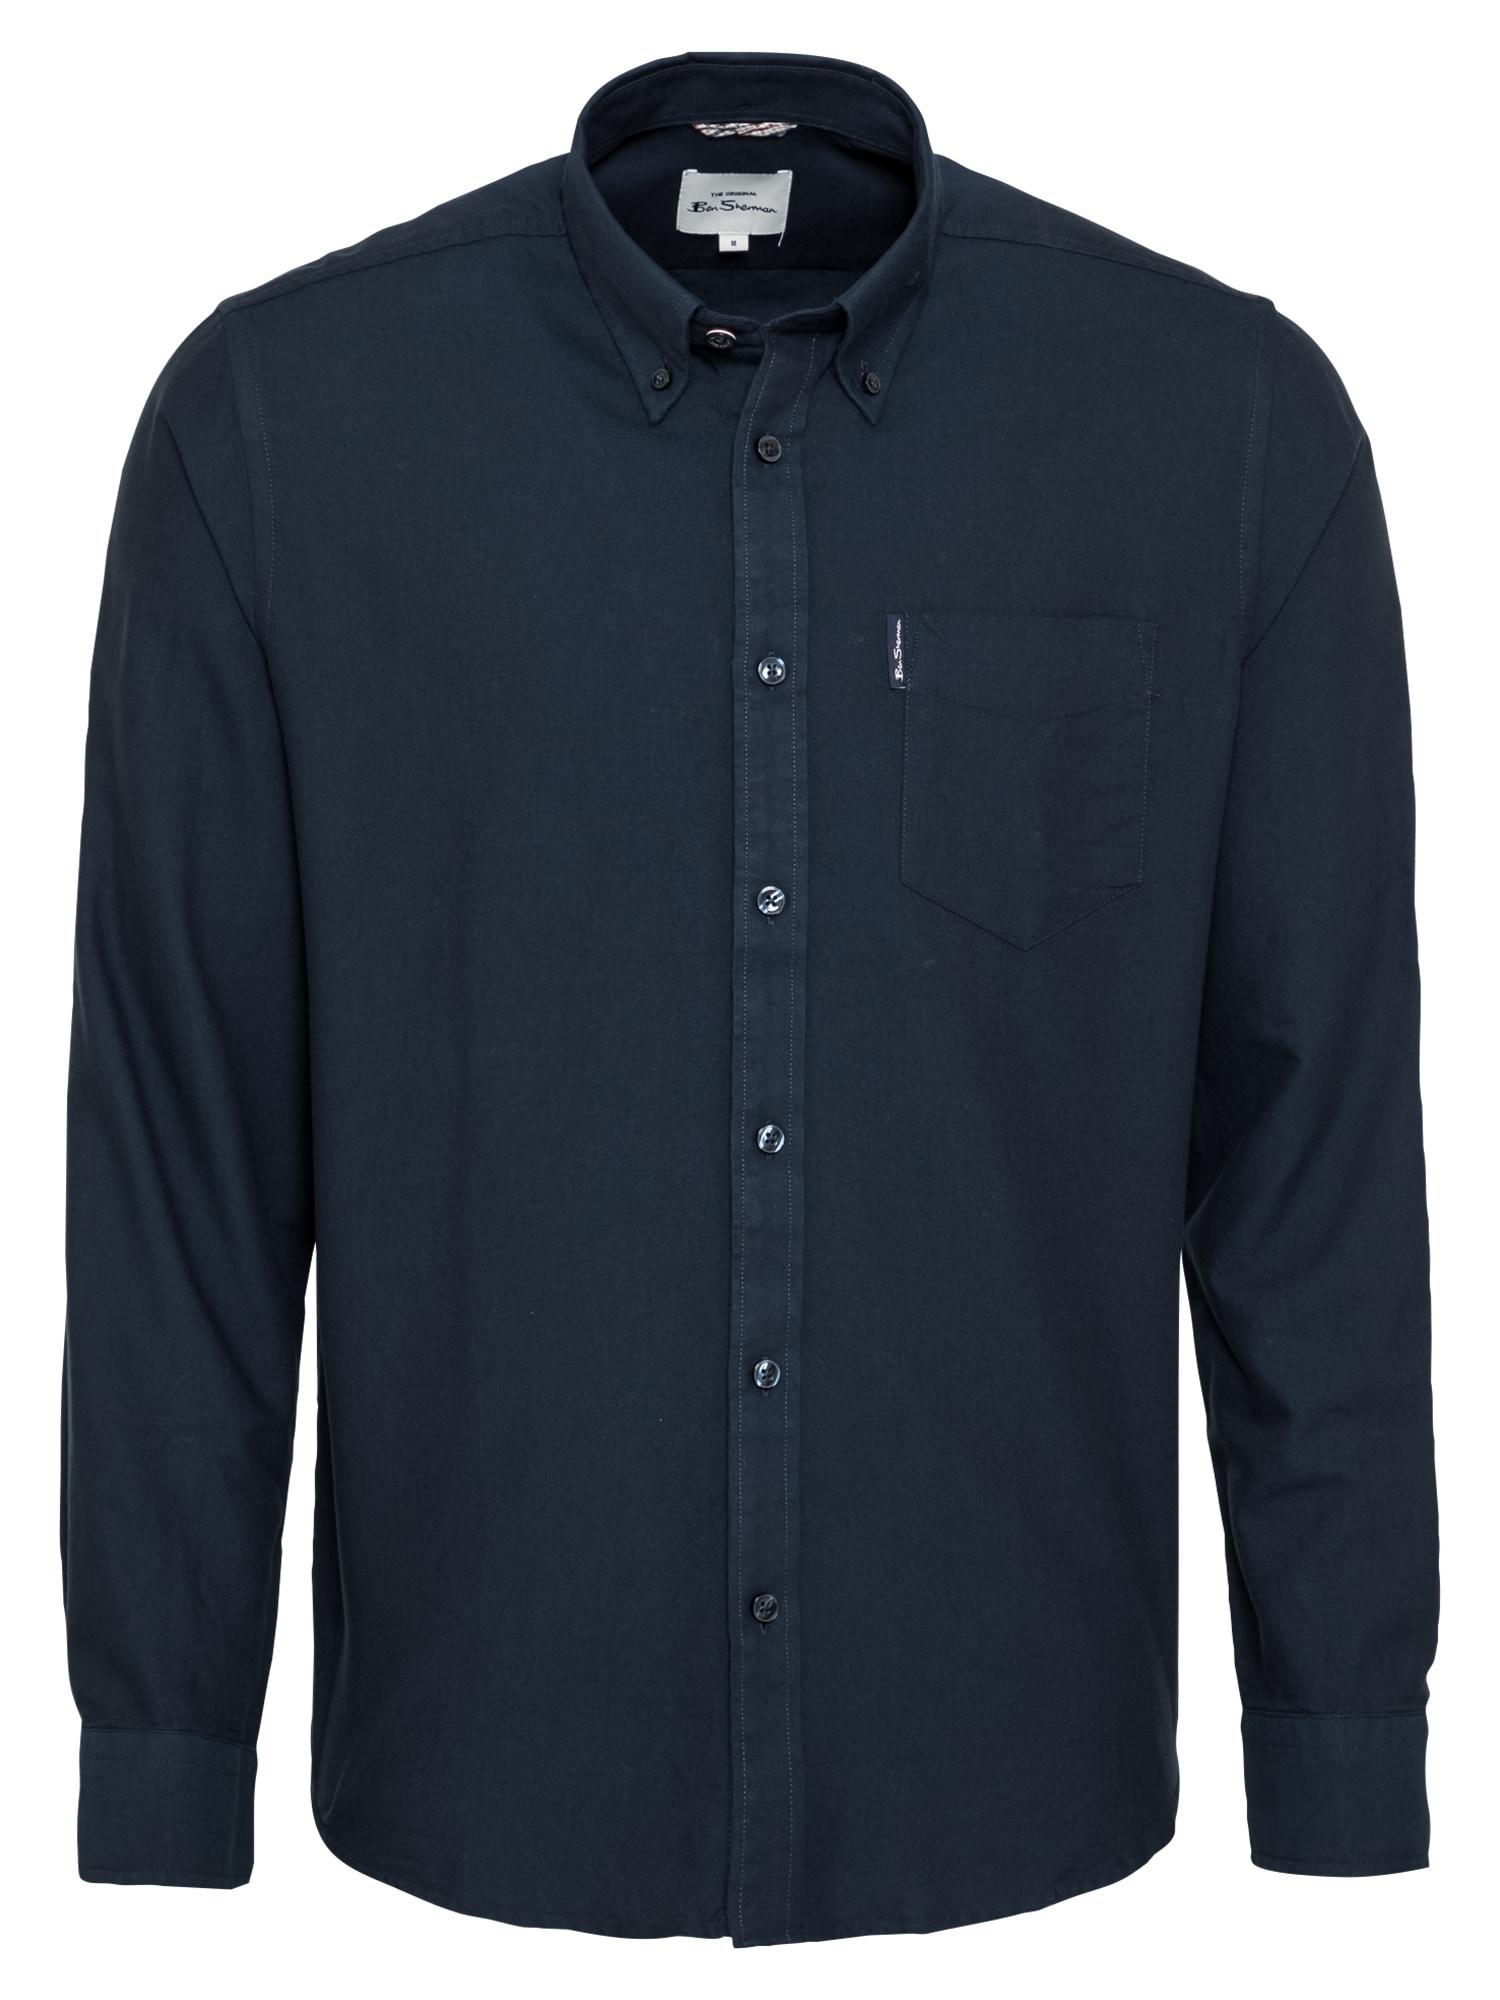 Ben Sherman Dalykinio stiliaus marškiniai tamsiai mėlyna